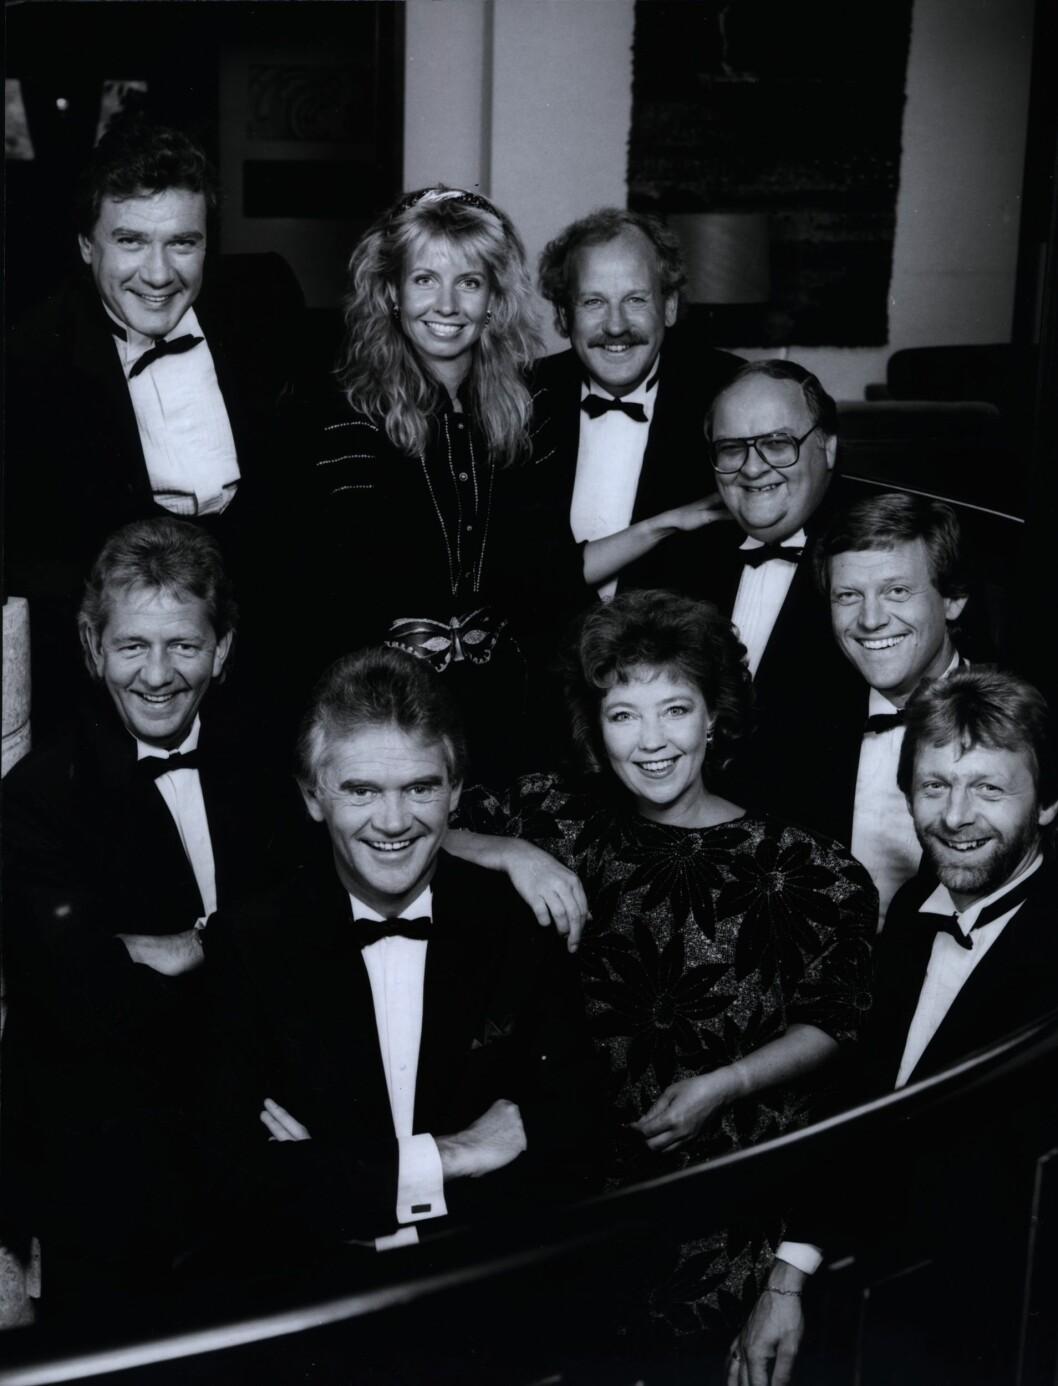 SHOWET SAMMEN: Hege Schøyen og forloveren Grethe Kausland (midten) fotografert sammen med Dizzie Tunes-gutta, Benny Borg og Jon Skolmen i 1988. Grethe Kausland døde av kreft i november 2007, bare 60 år gammel.  Foto: NTB scanpix